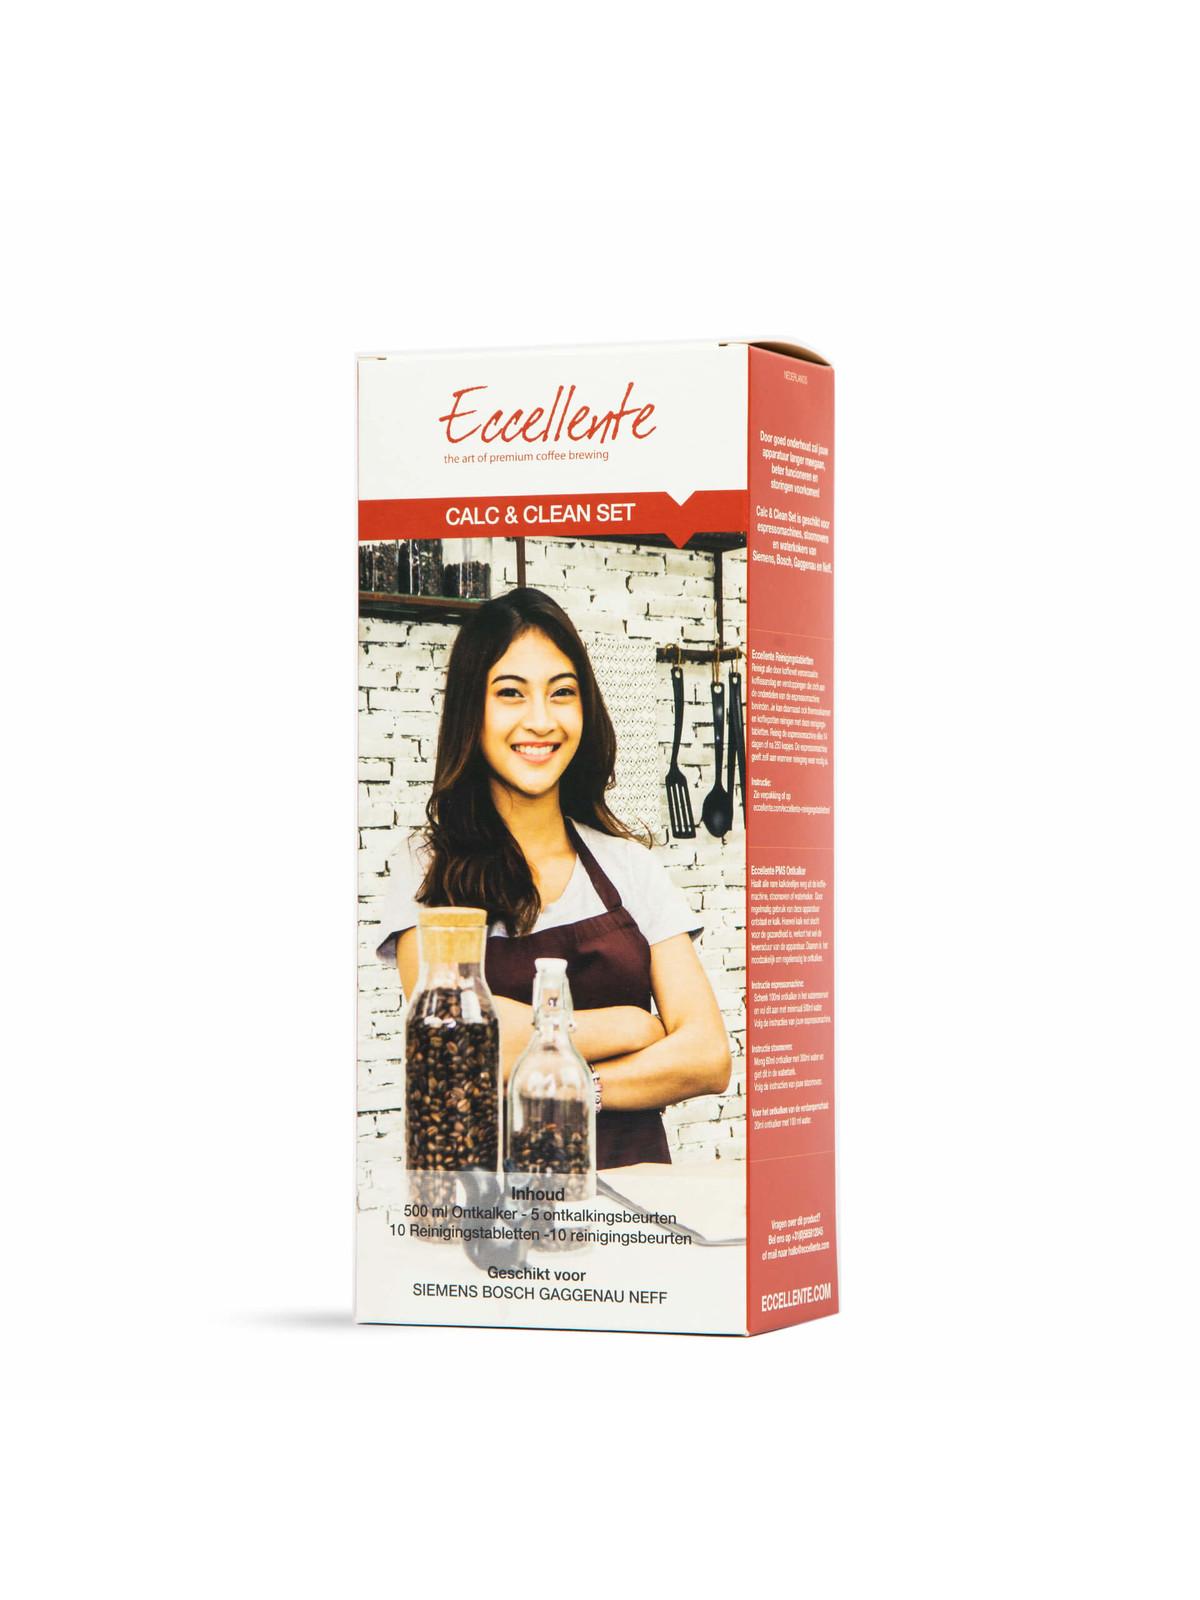 ECCELLENTE Vloeibare Ontkalker voor Gaggenau koffiemachine en stoomoven